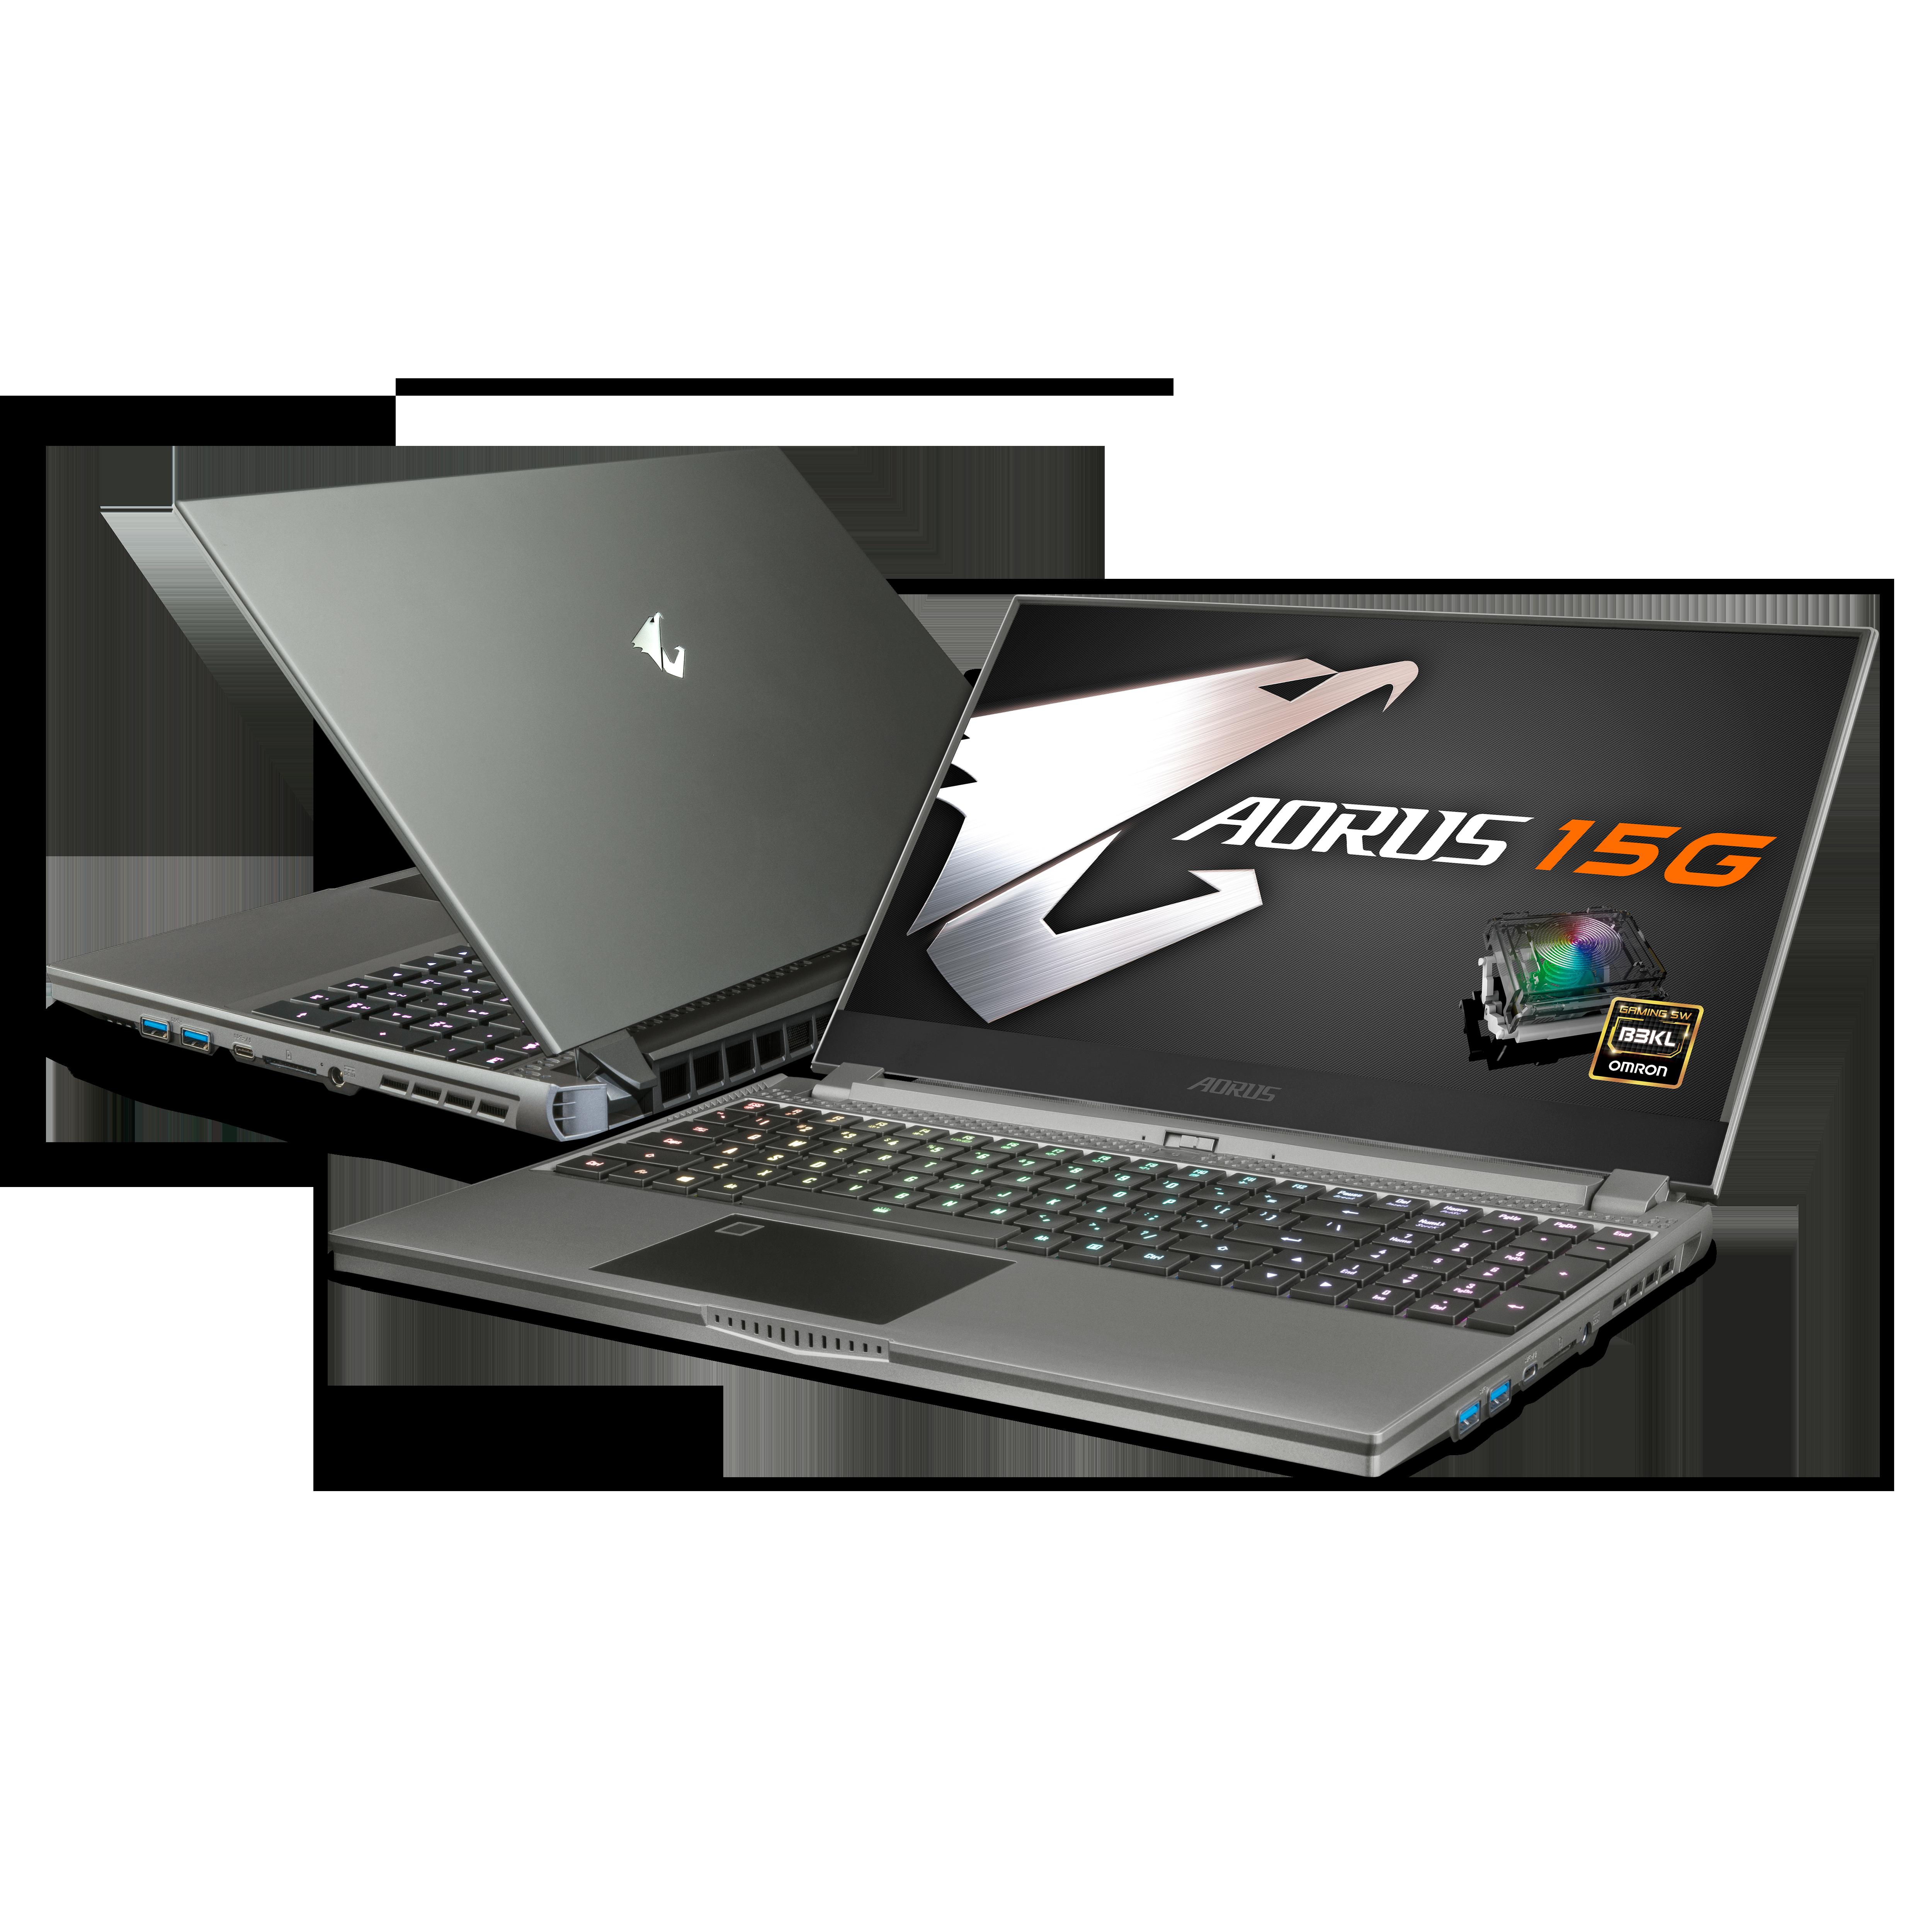 기가바이트 게이밍 노트북 AORUS 15G YC i7 (i7-10870H 39.6cm RTX 3080), 윈도우 미포함, NVMe 1TB, 32GB